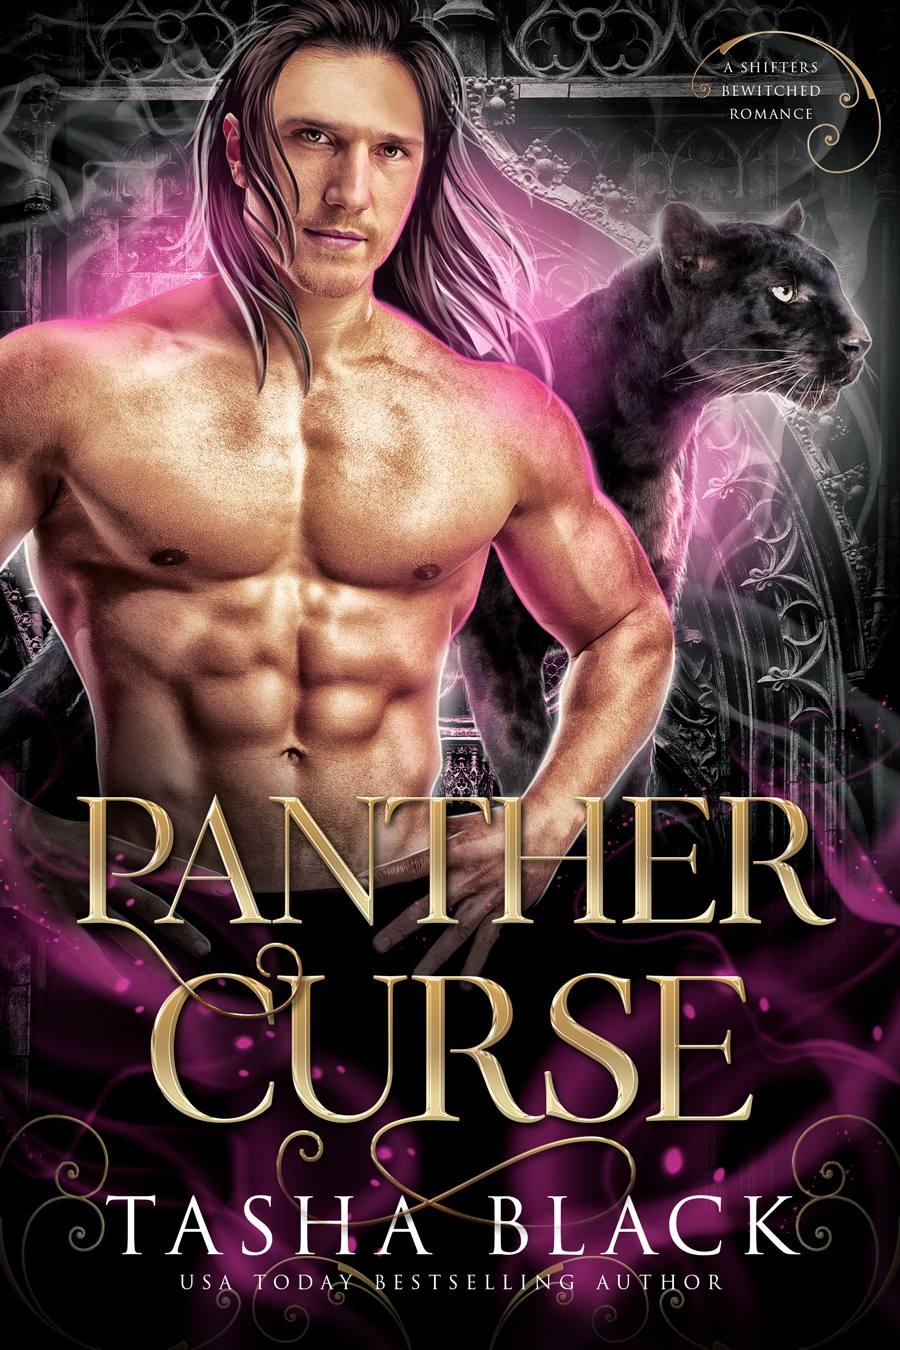 Panther Curse